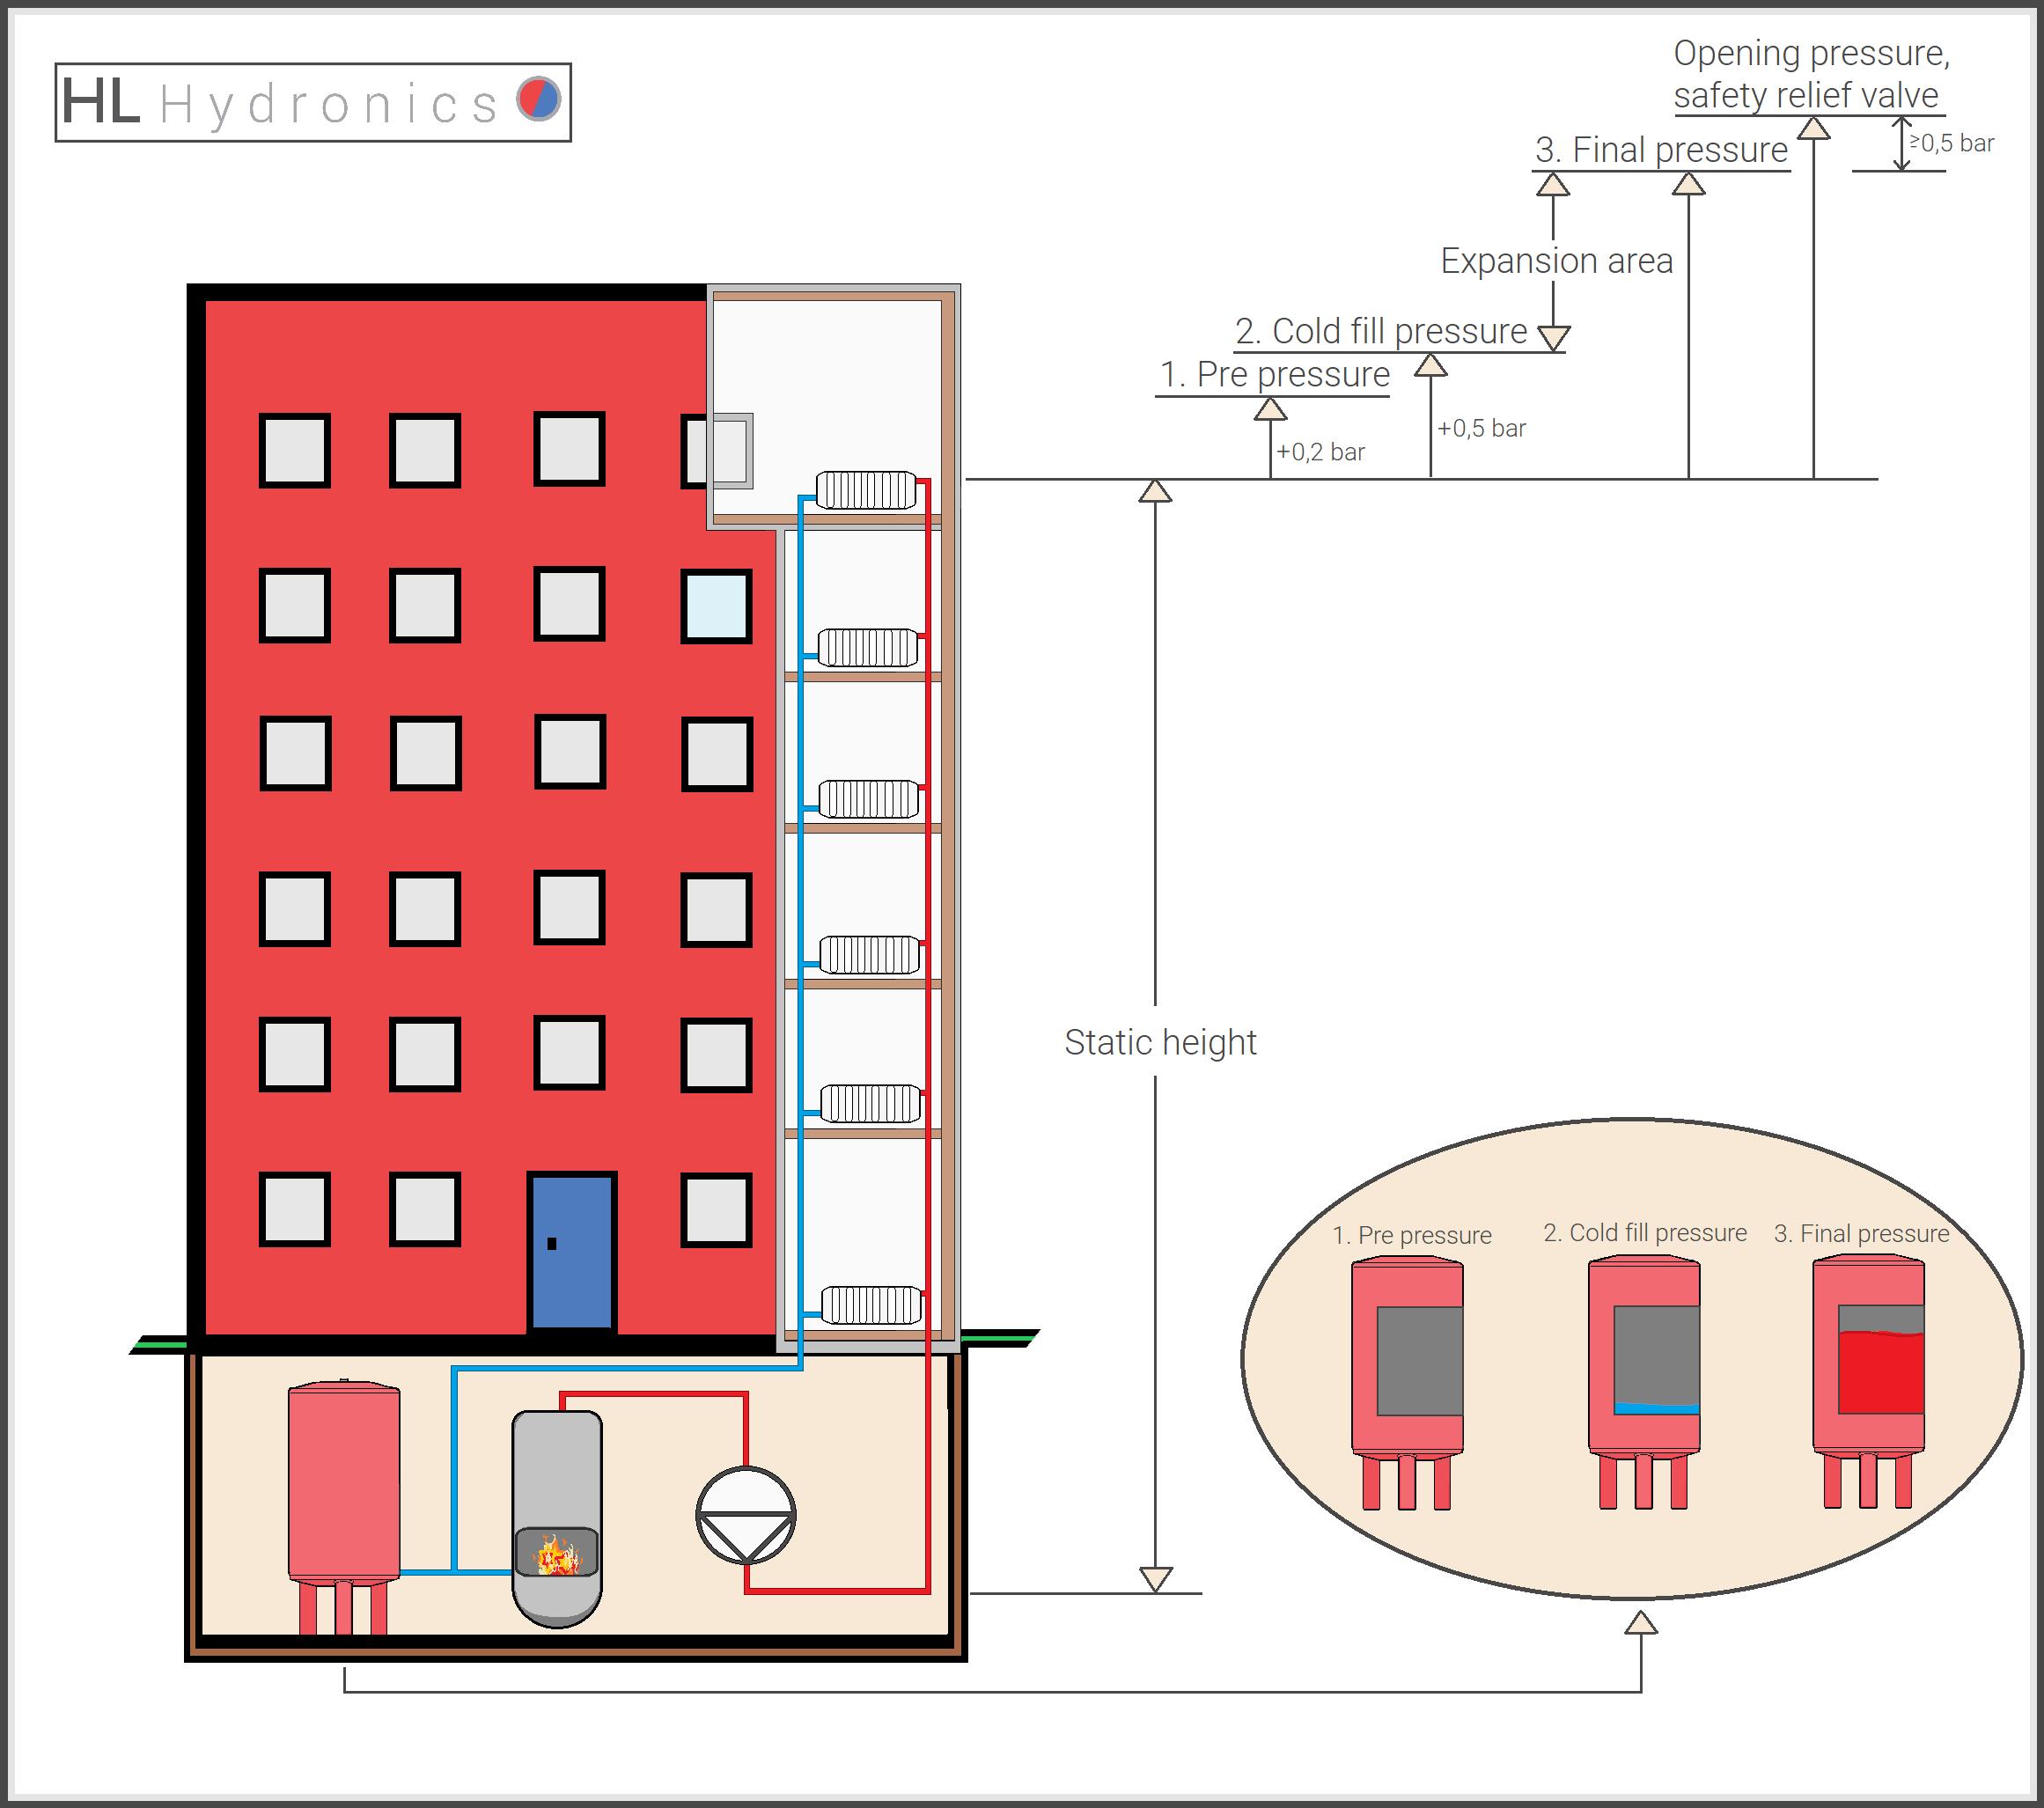 Service valve system